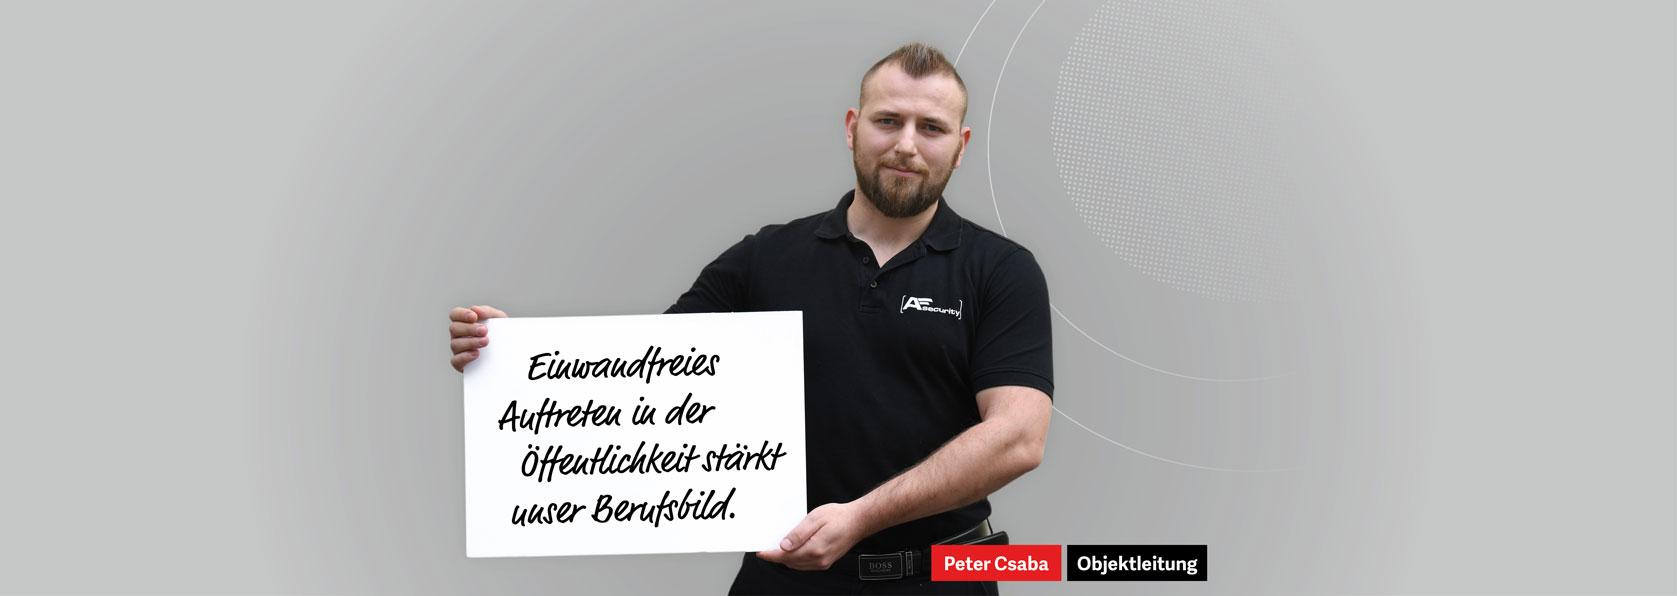 slider_peter_csaba